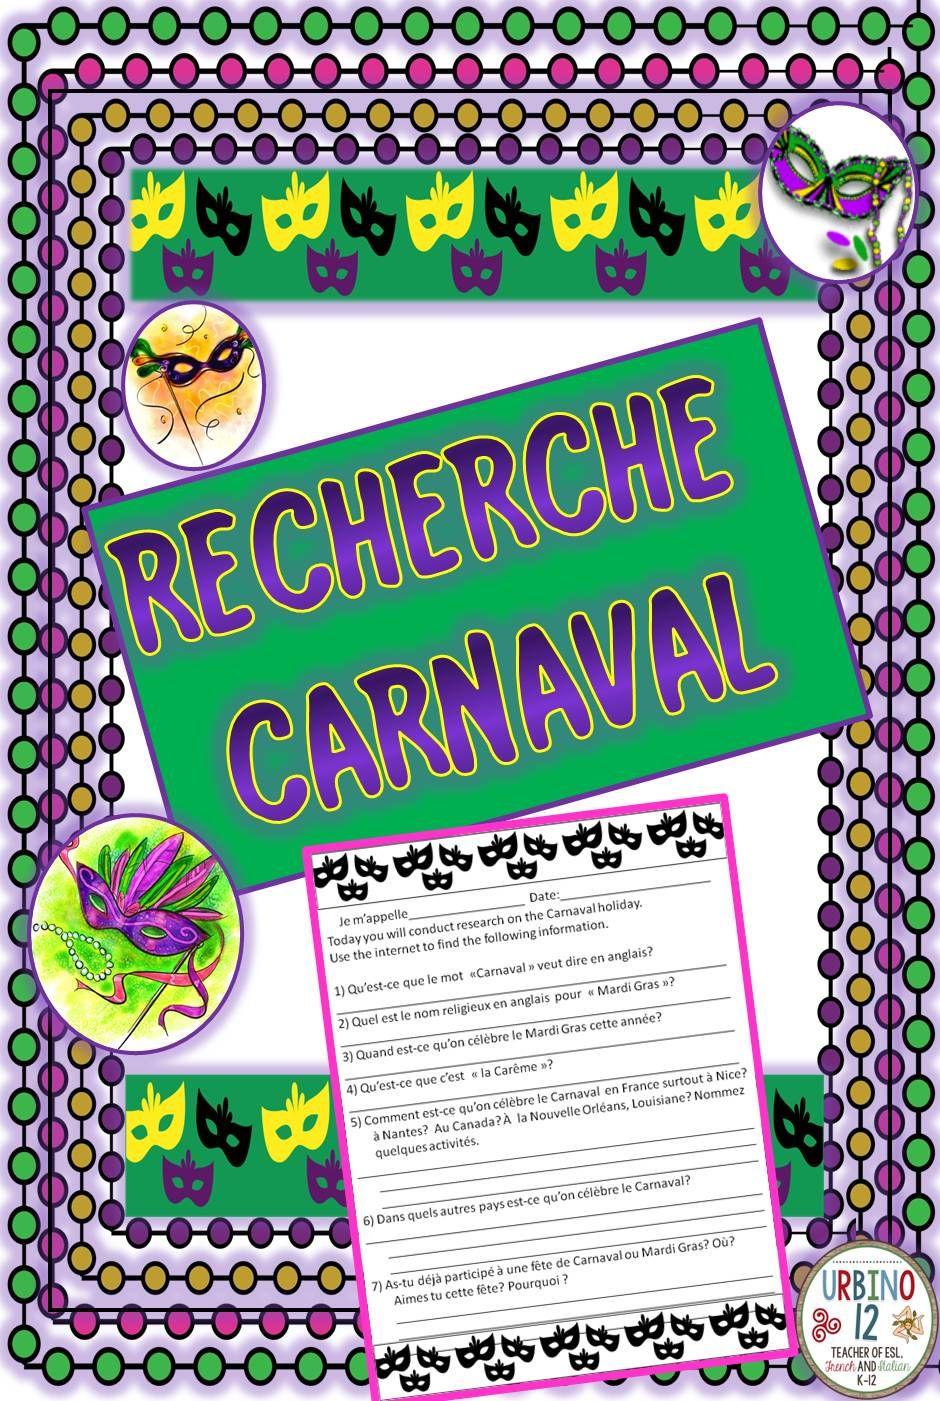 Carnavalsmuziek online dating